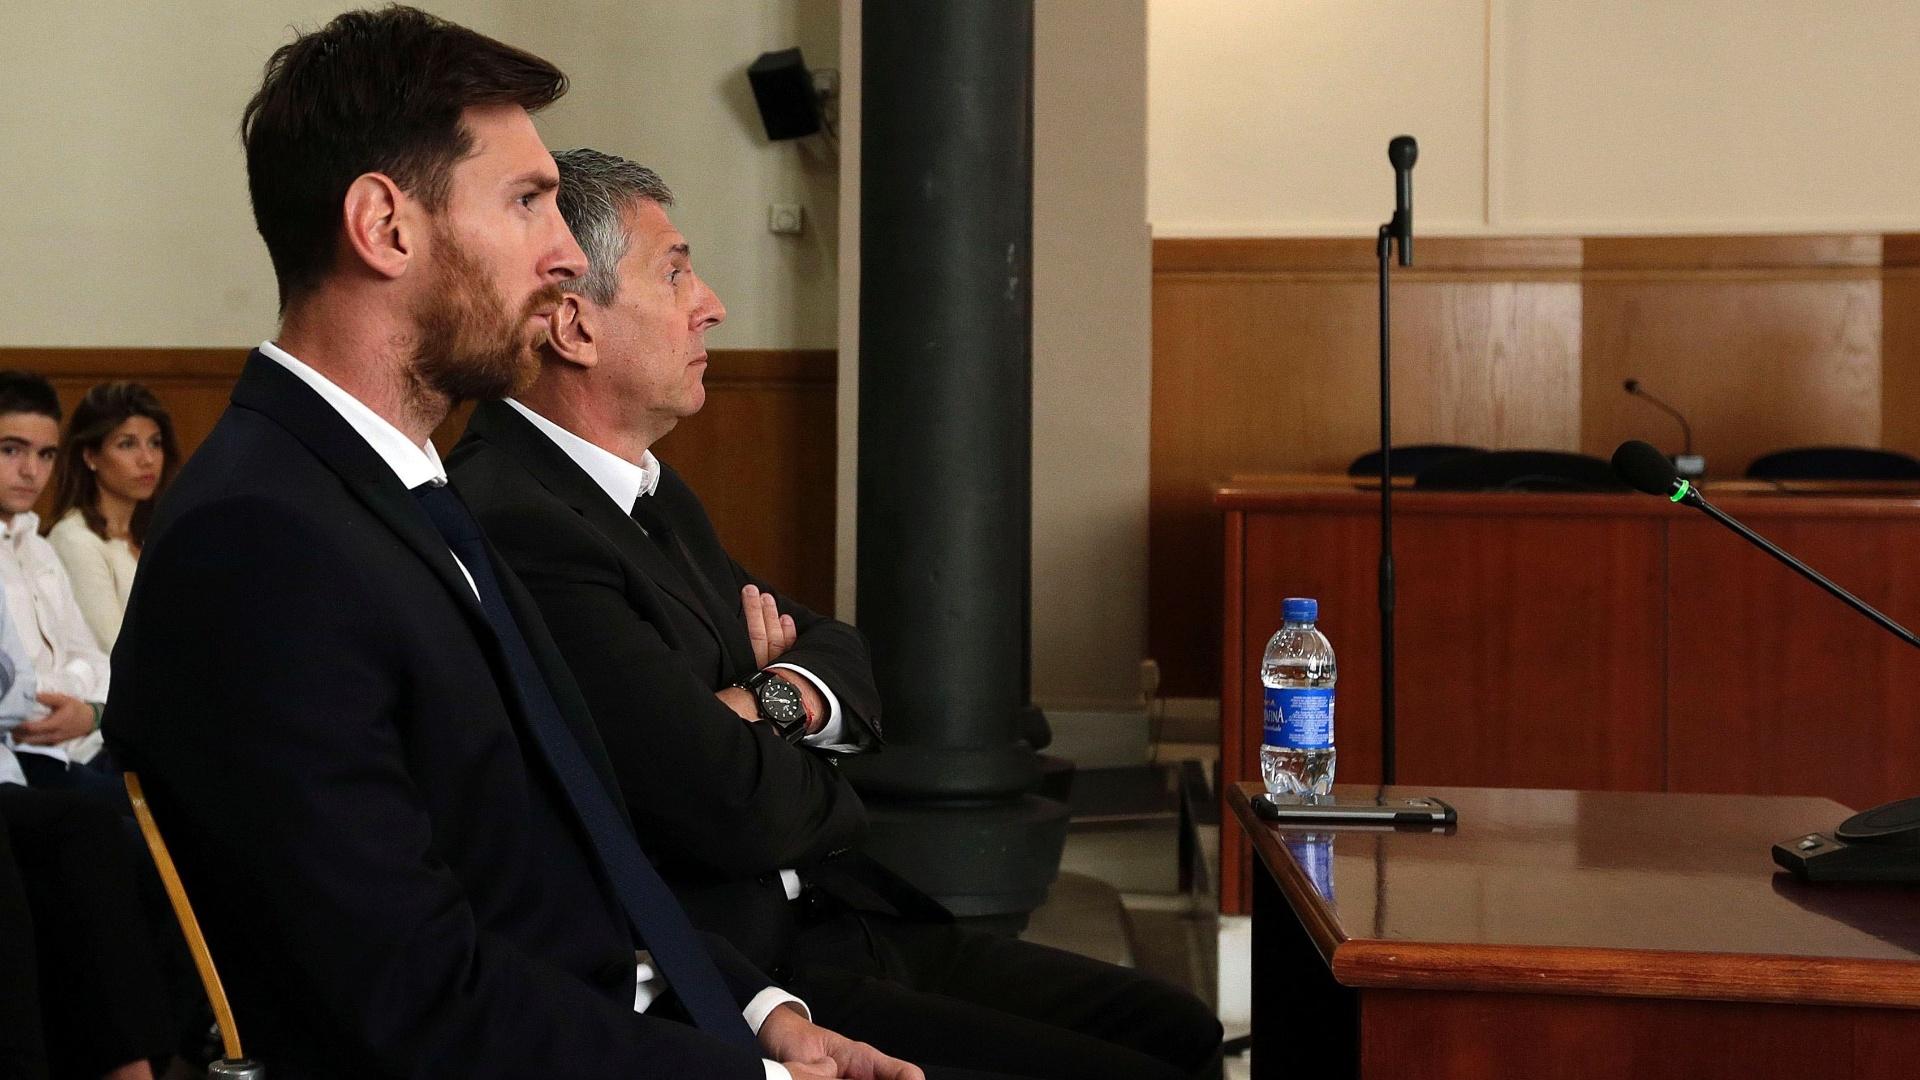 Lionel Messi comparece ao Tribunal em Barcelona para responder suposto desvio fiscal